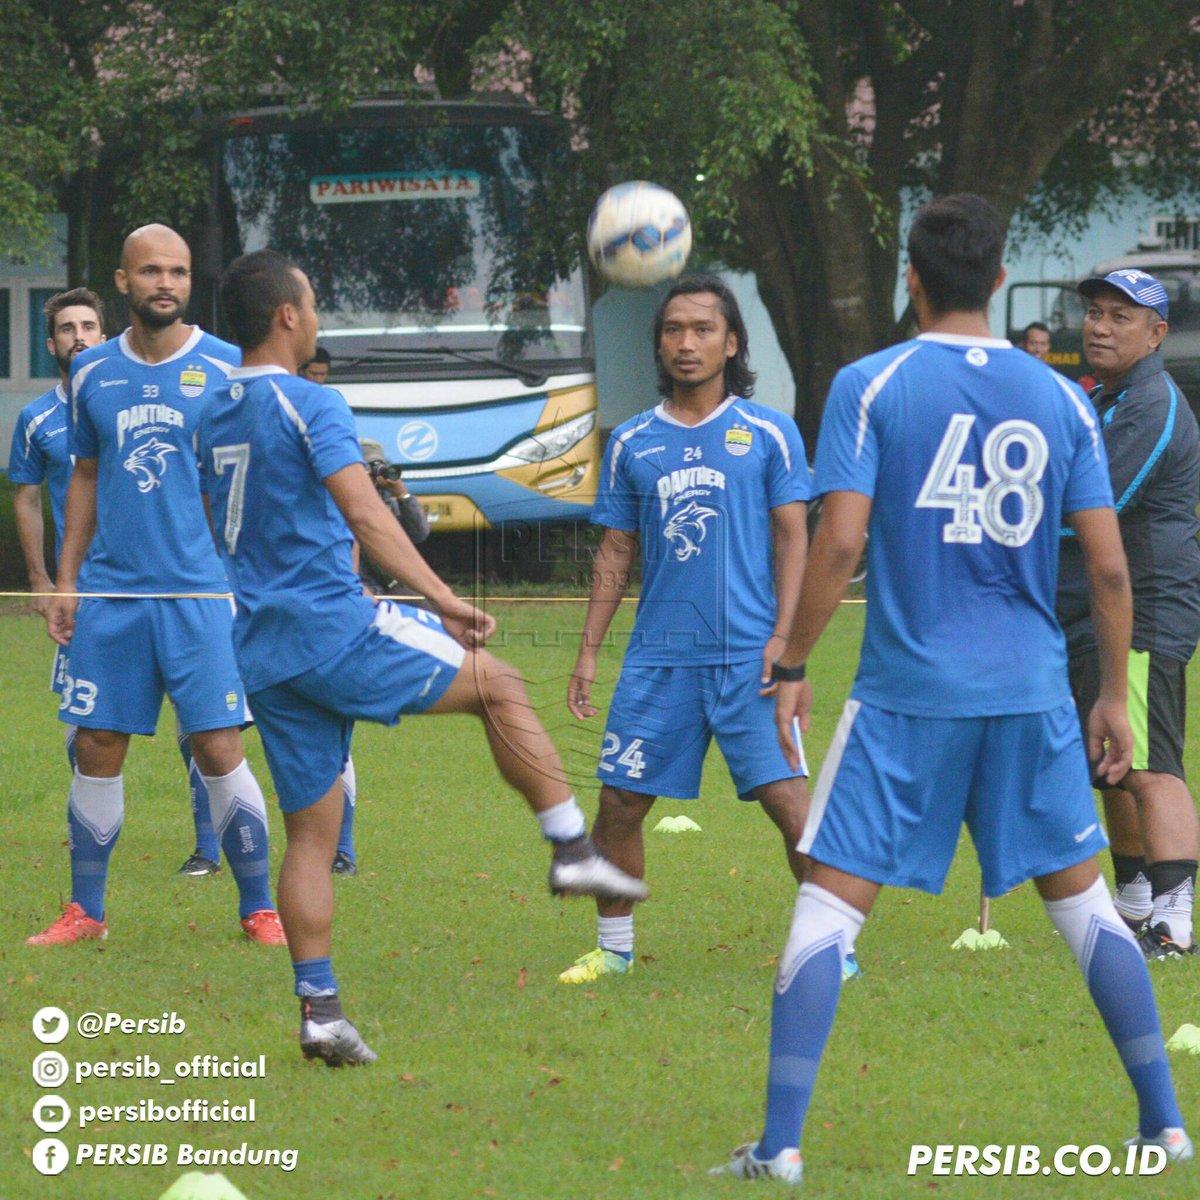 Persib Bandung Vs Borneo Fc: Ari Saputra (@Arisapu01037427)